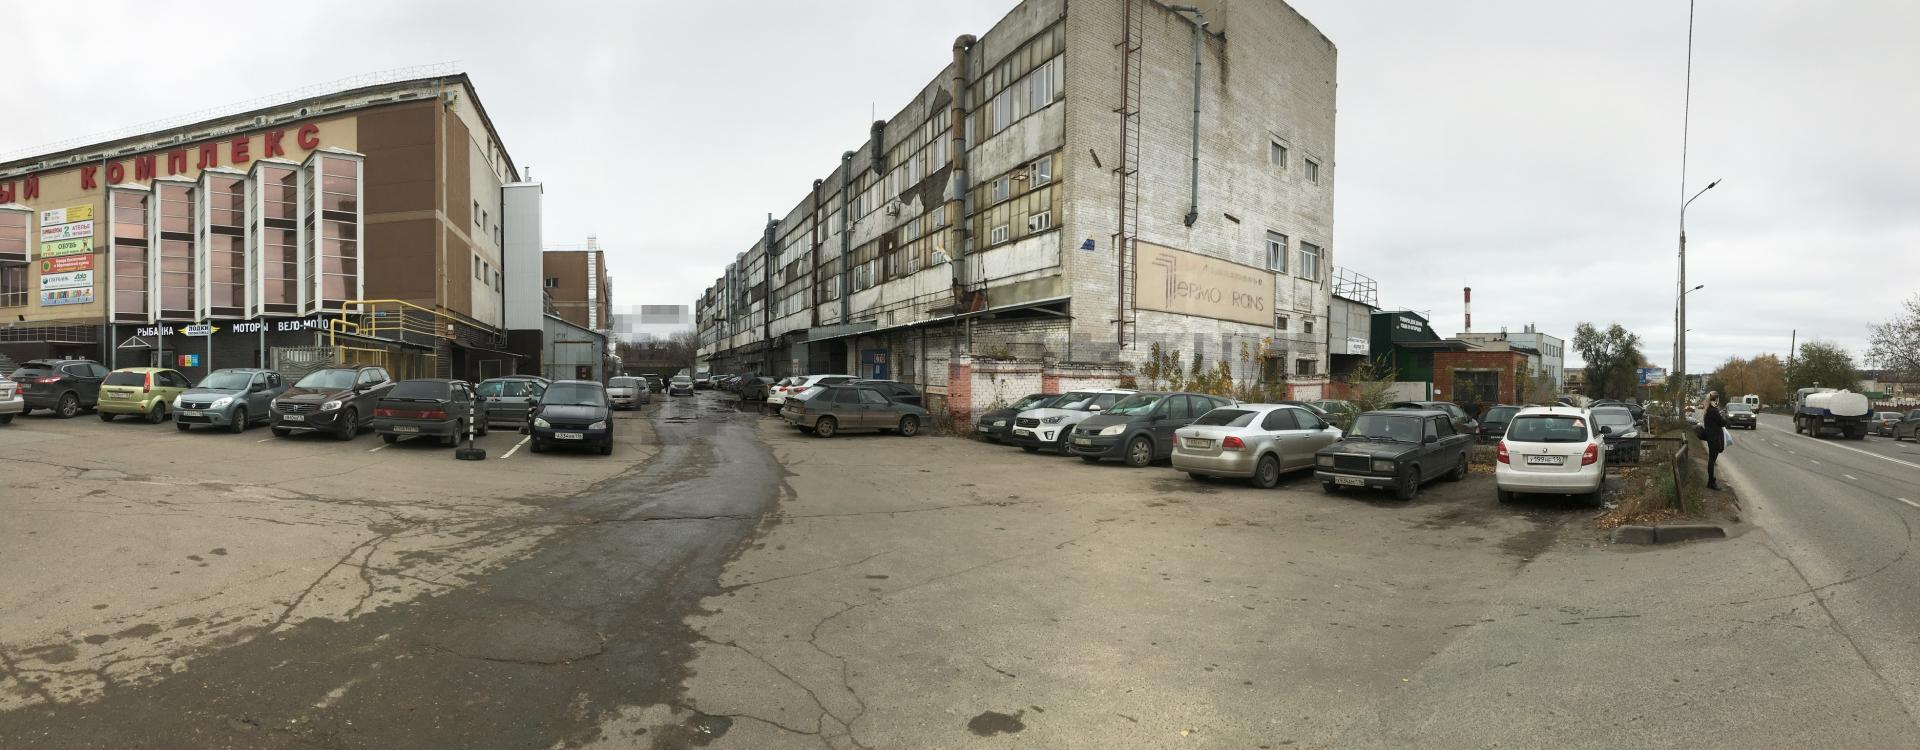 Продажа  помещения свободного назначения сибирский тракт, 34к10